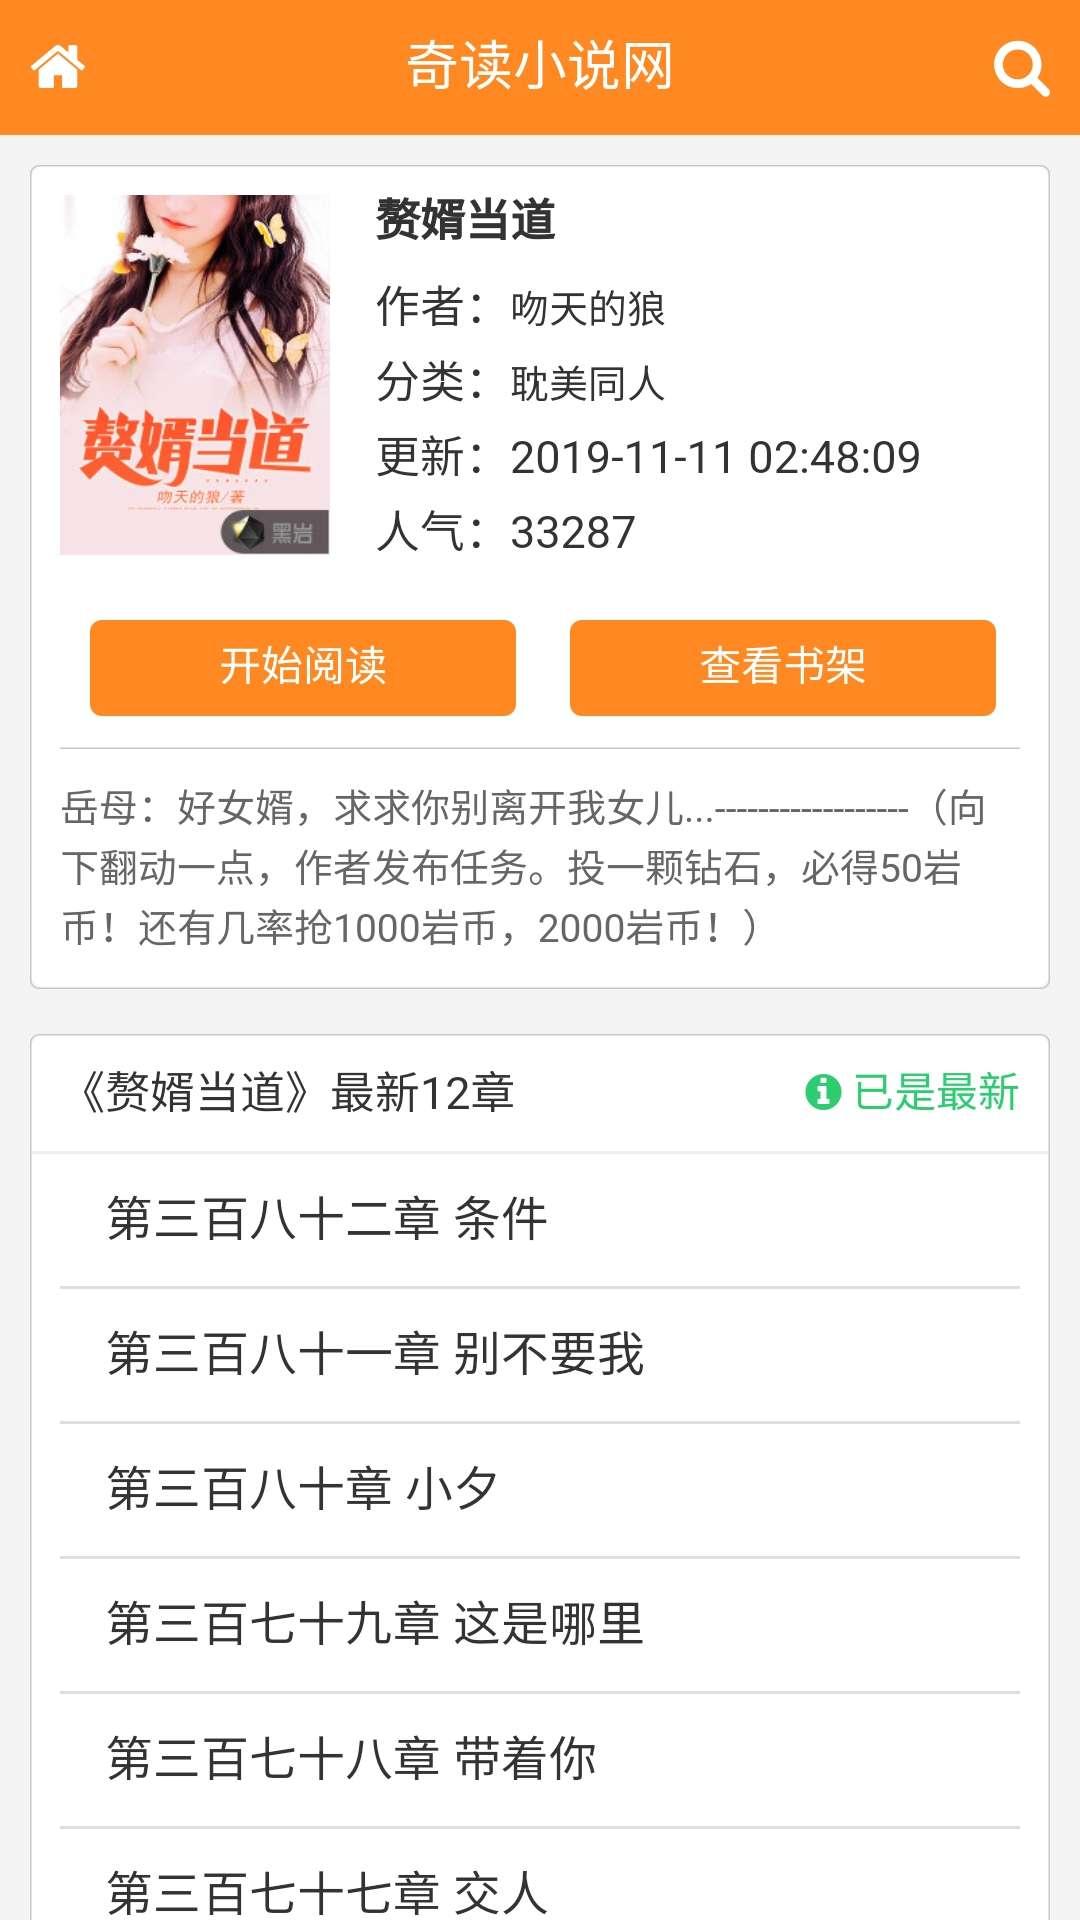 【分享】奇读小说(1.0.2)聚合全网VIP小说免费看-爱小助